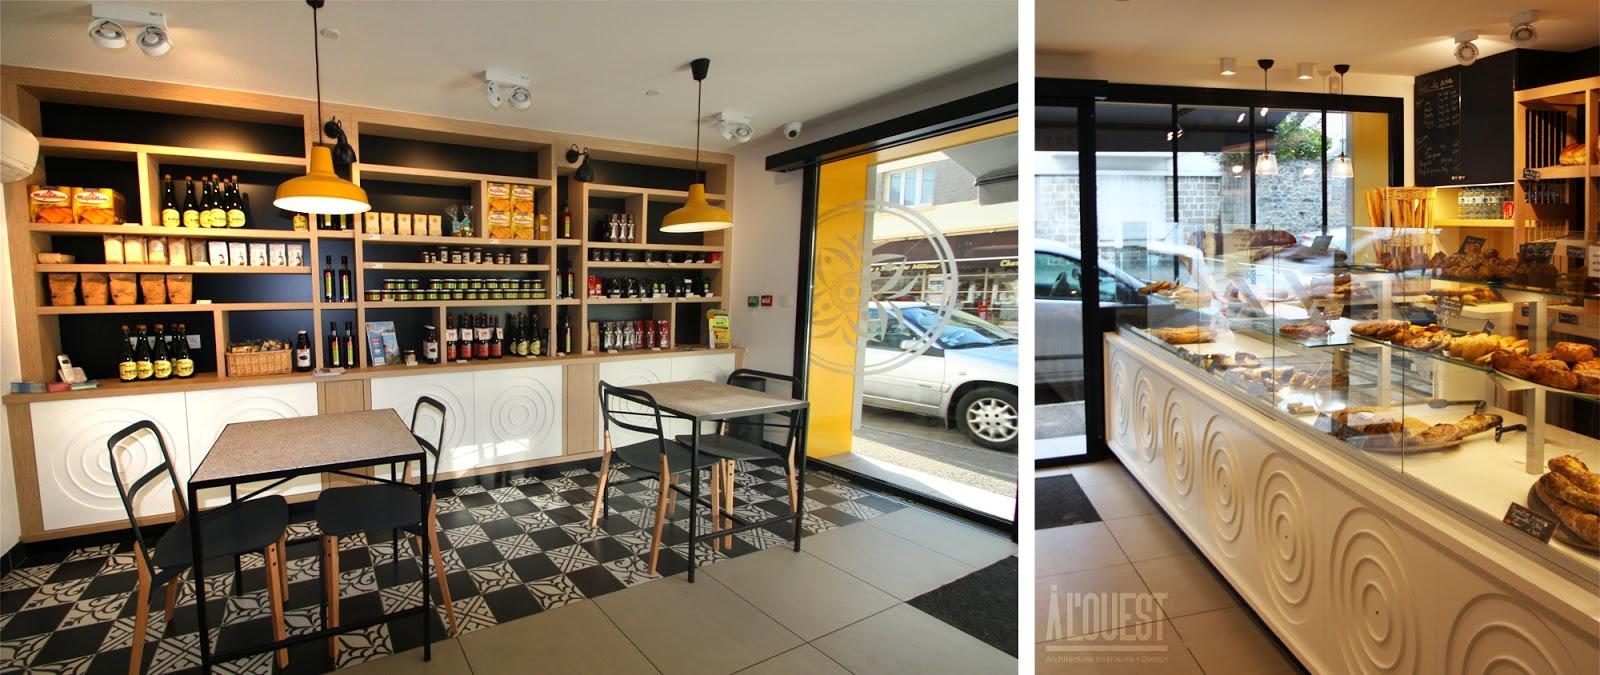 A l 39 ouest boulangerie pains kouign quimper for Interieur et design avis